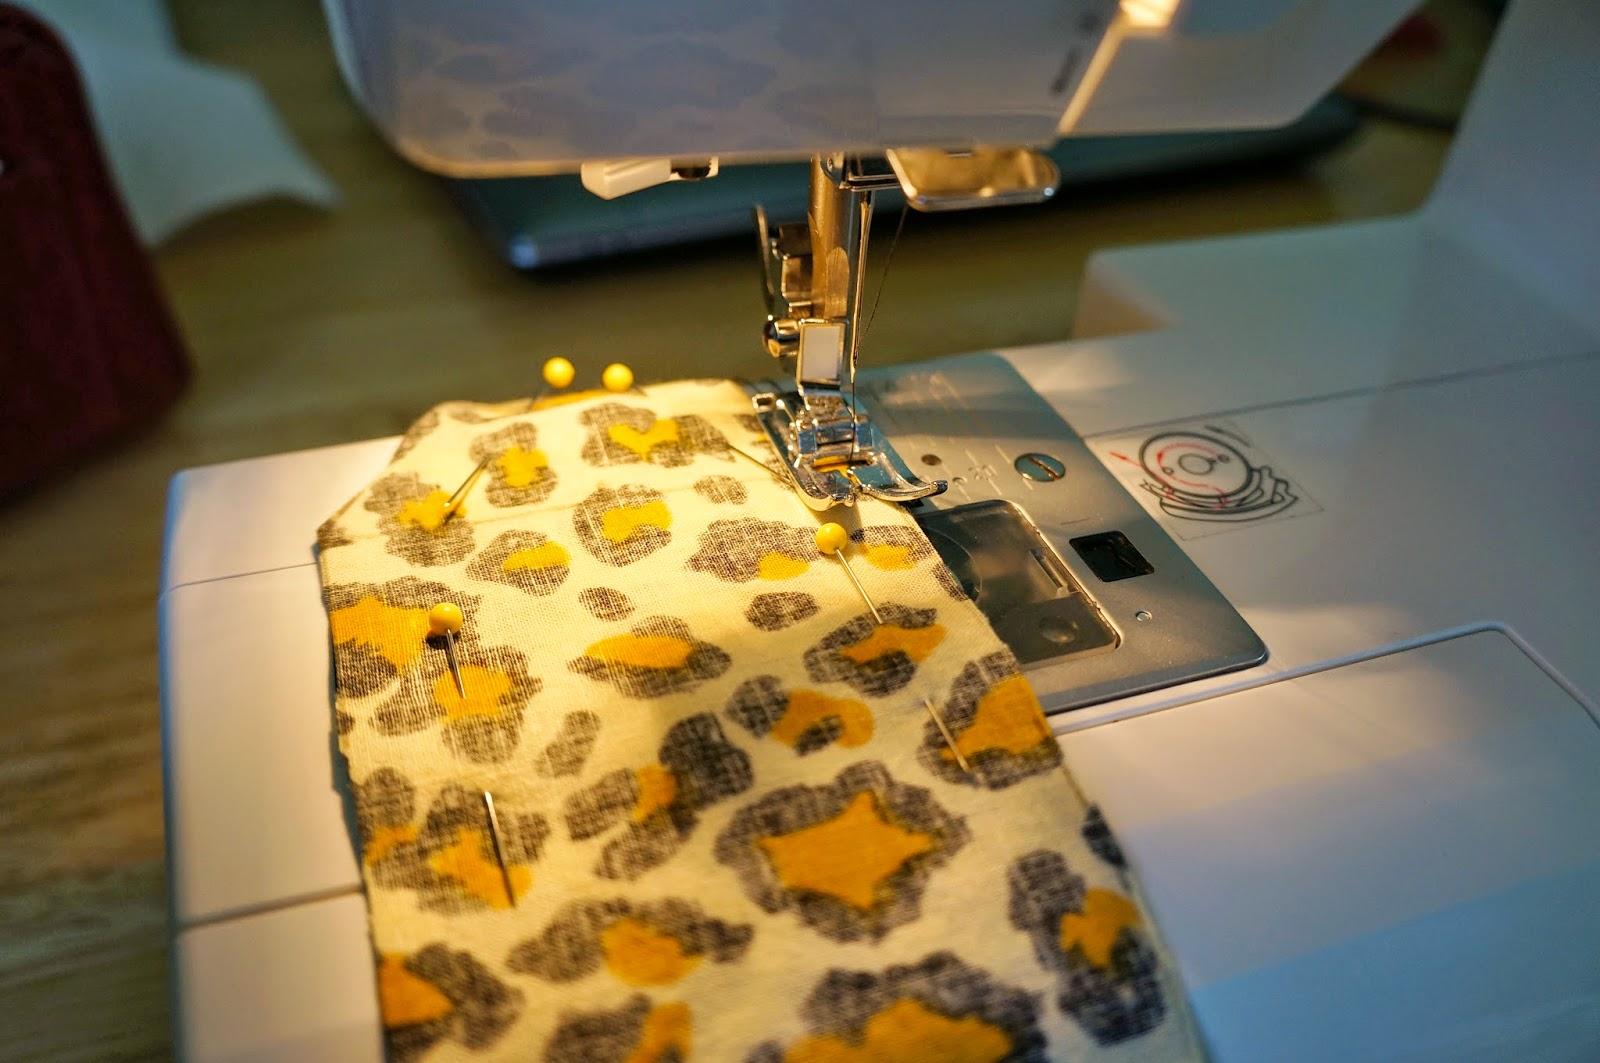 DIY Knotted Fabric Headbands hellokelcey.blogspot.com